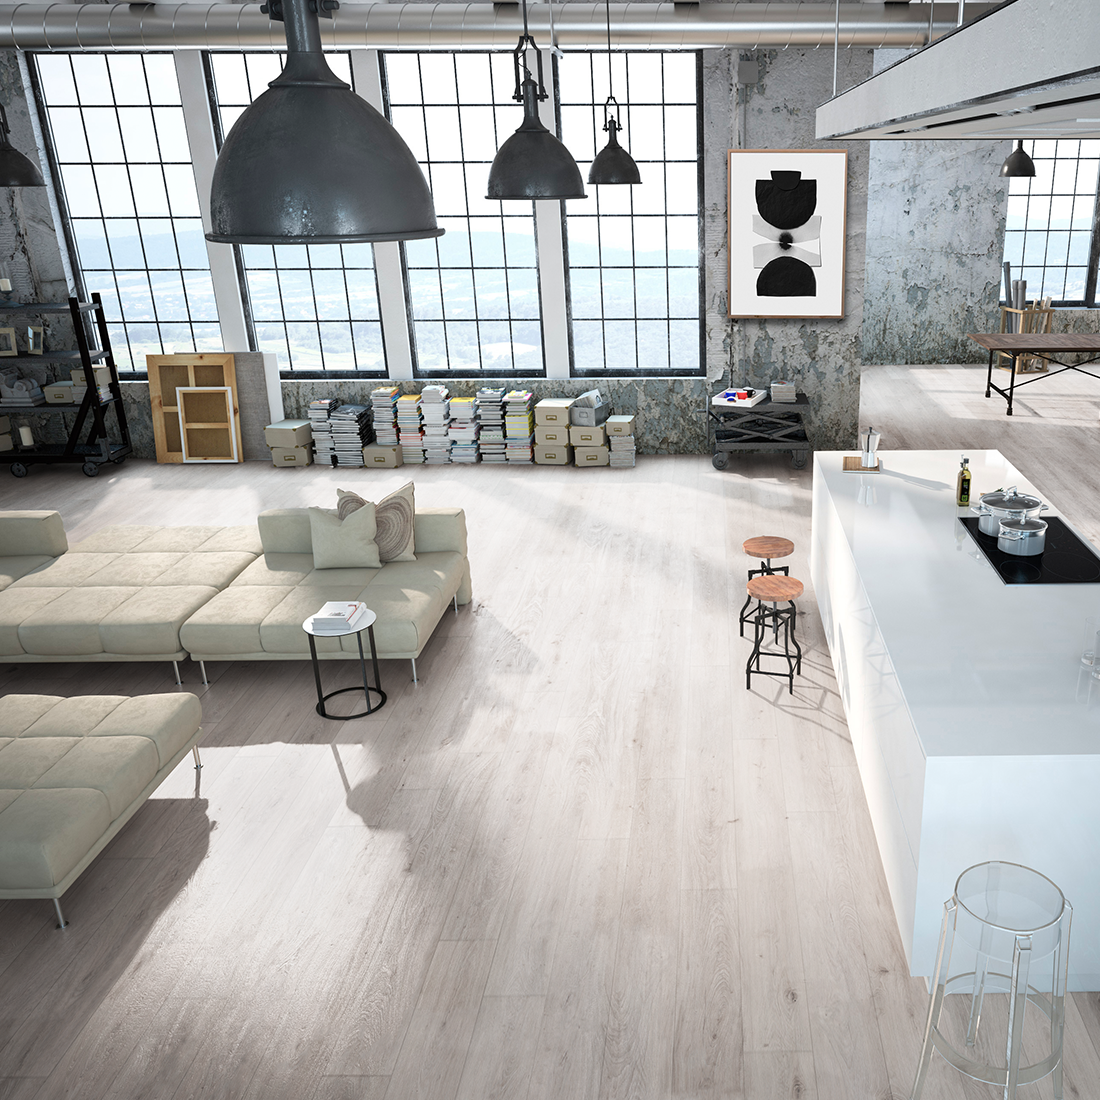 Hybrid Mistura 6mm Arctic Wood floors wide plank, Timber